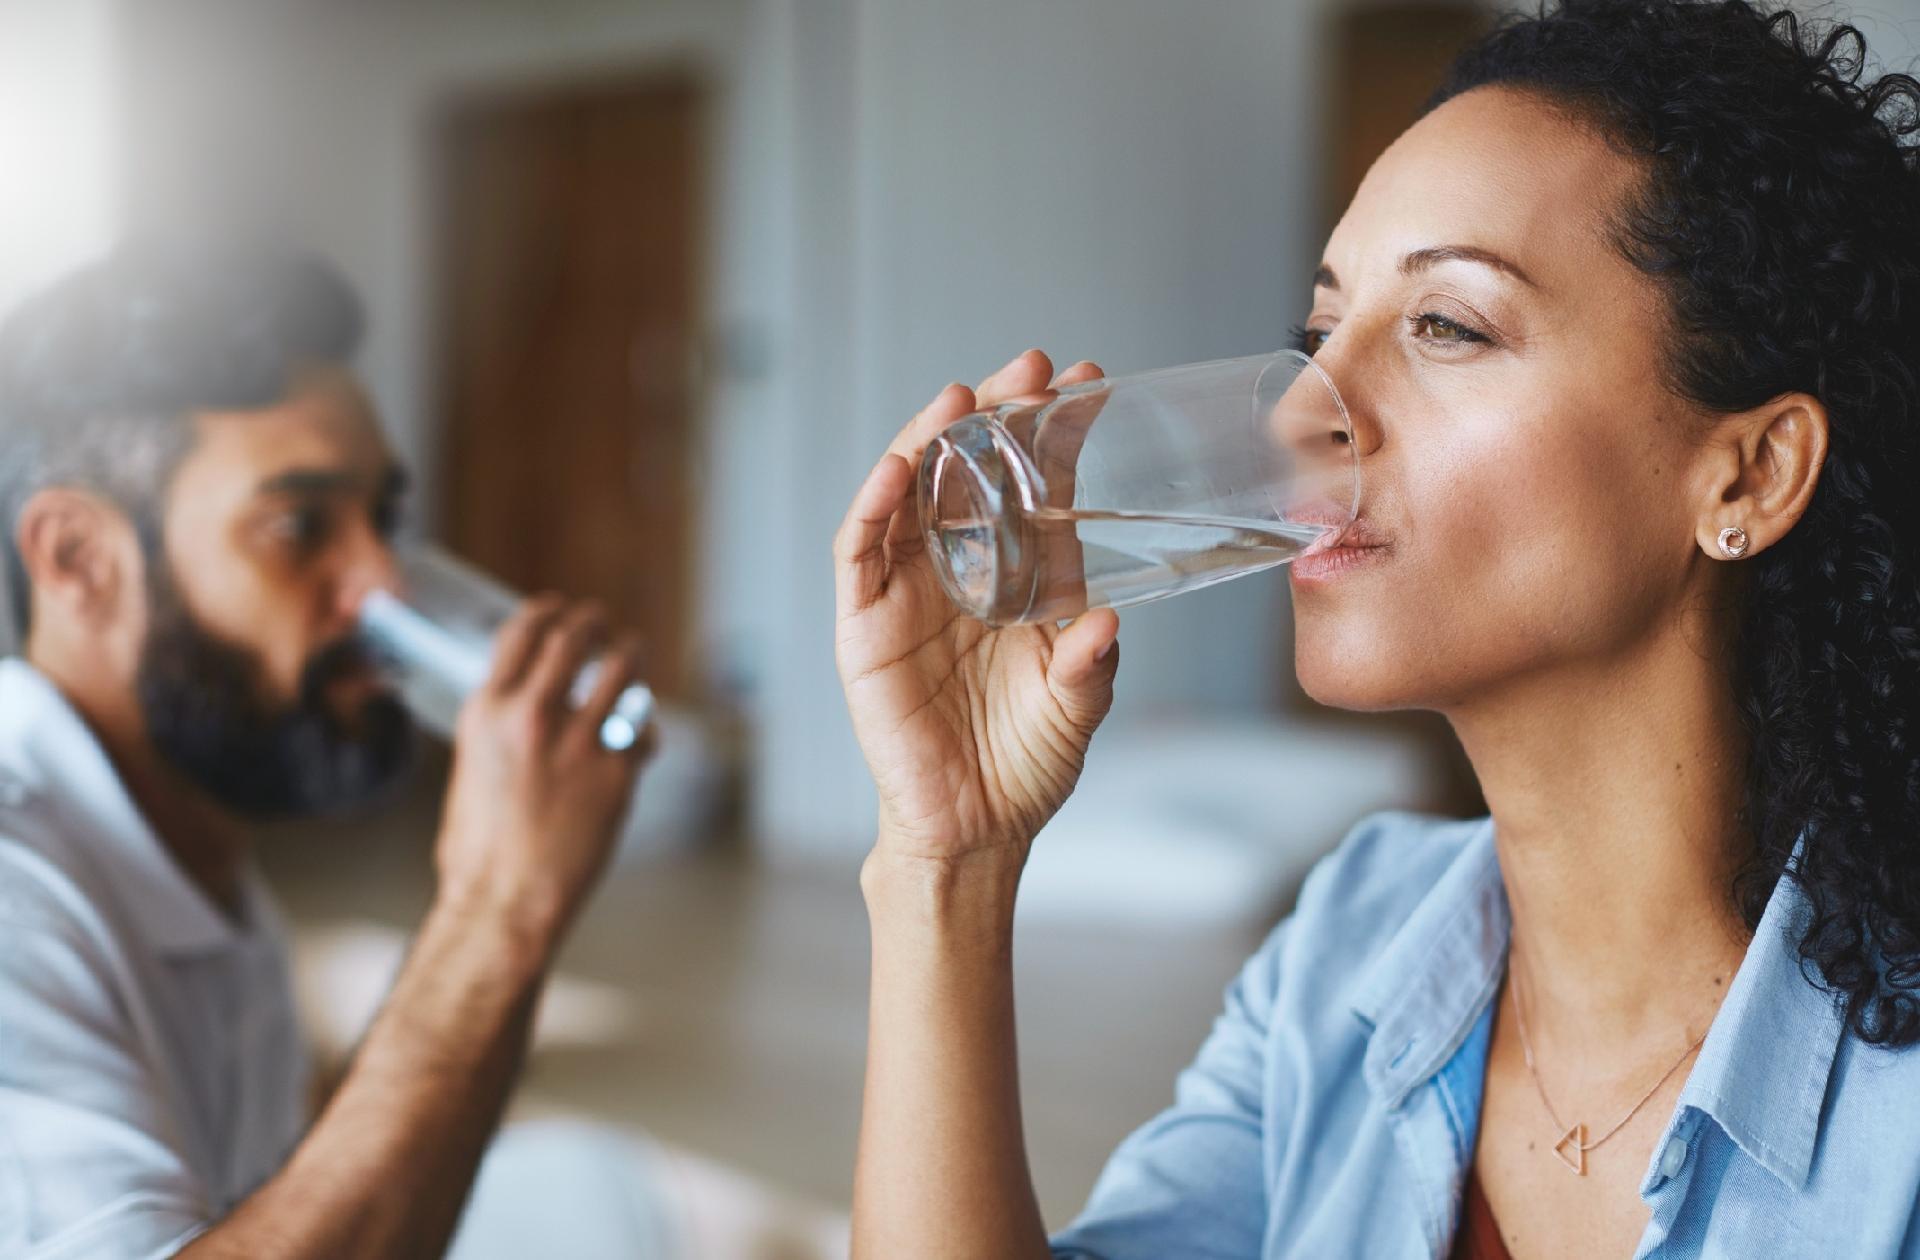 A falta de hidratação causa enxaqueca (Fonte: UOL)